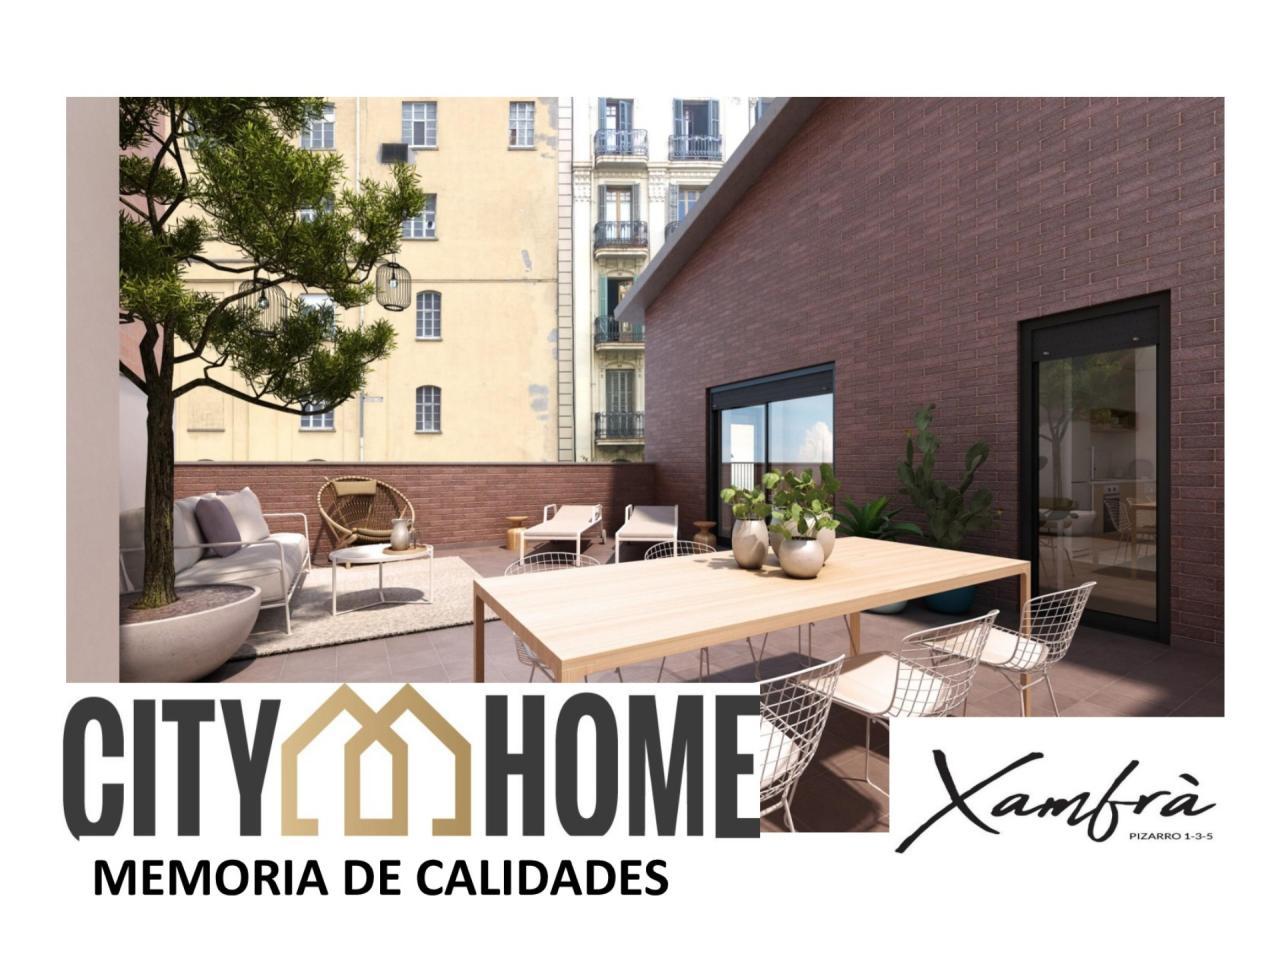 Ver pisos piso de nueva construcci n en venta en sant feliu de llobregat por 002410 - Casas en venta en sant feliu de llobregat ...